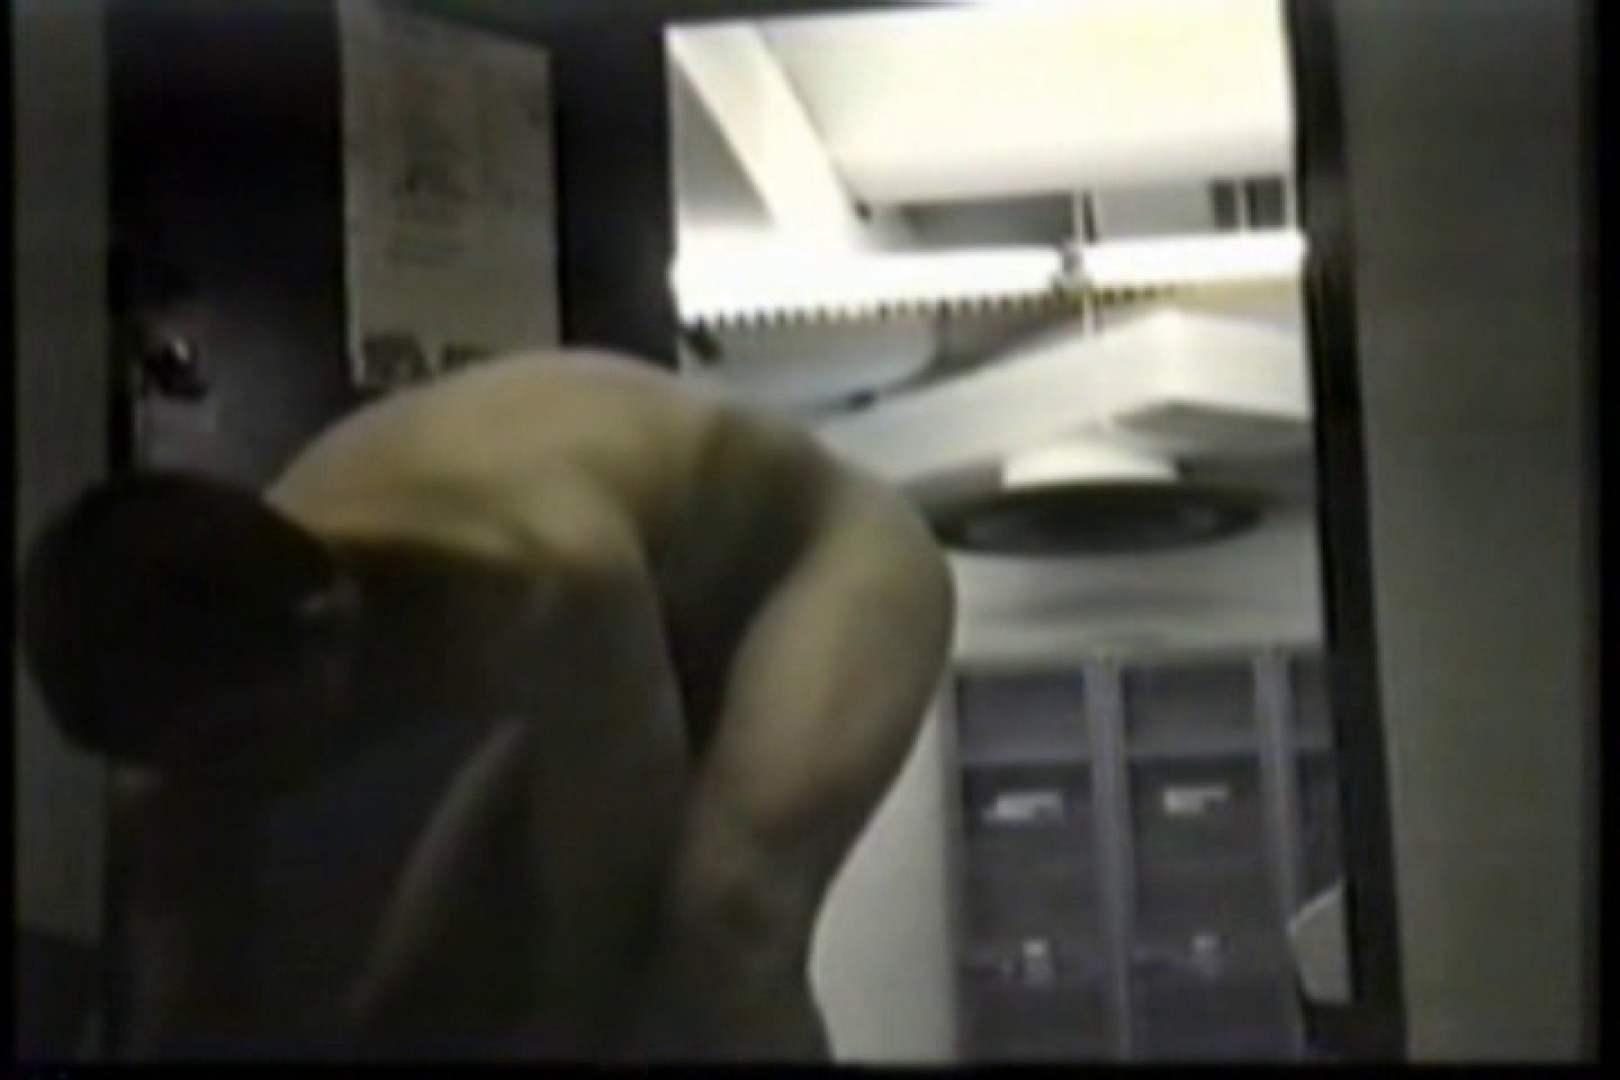 洋人さんの脱衣所を覗いてみました。VOL.7 完全無修正でお届け | ガチムチマッチョ系  95pic 22